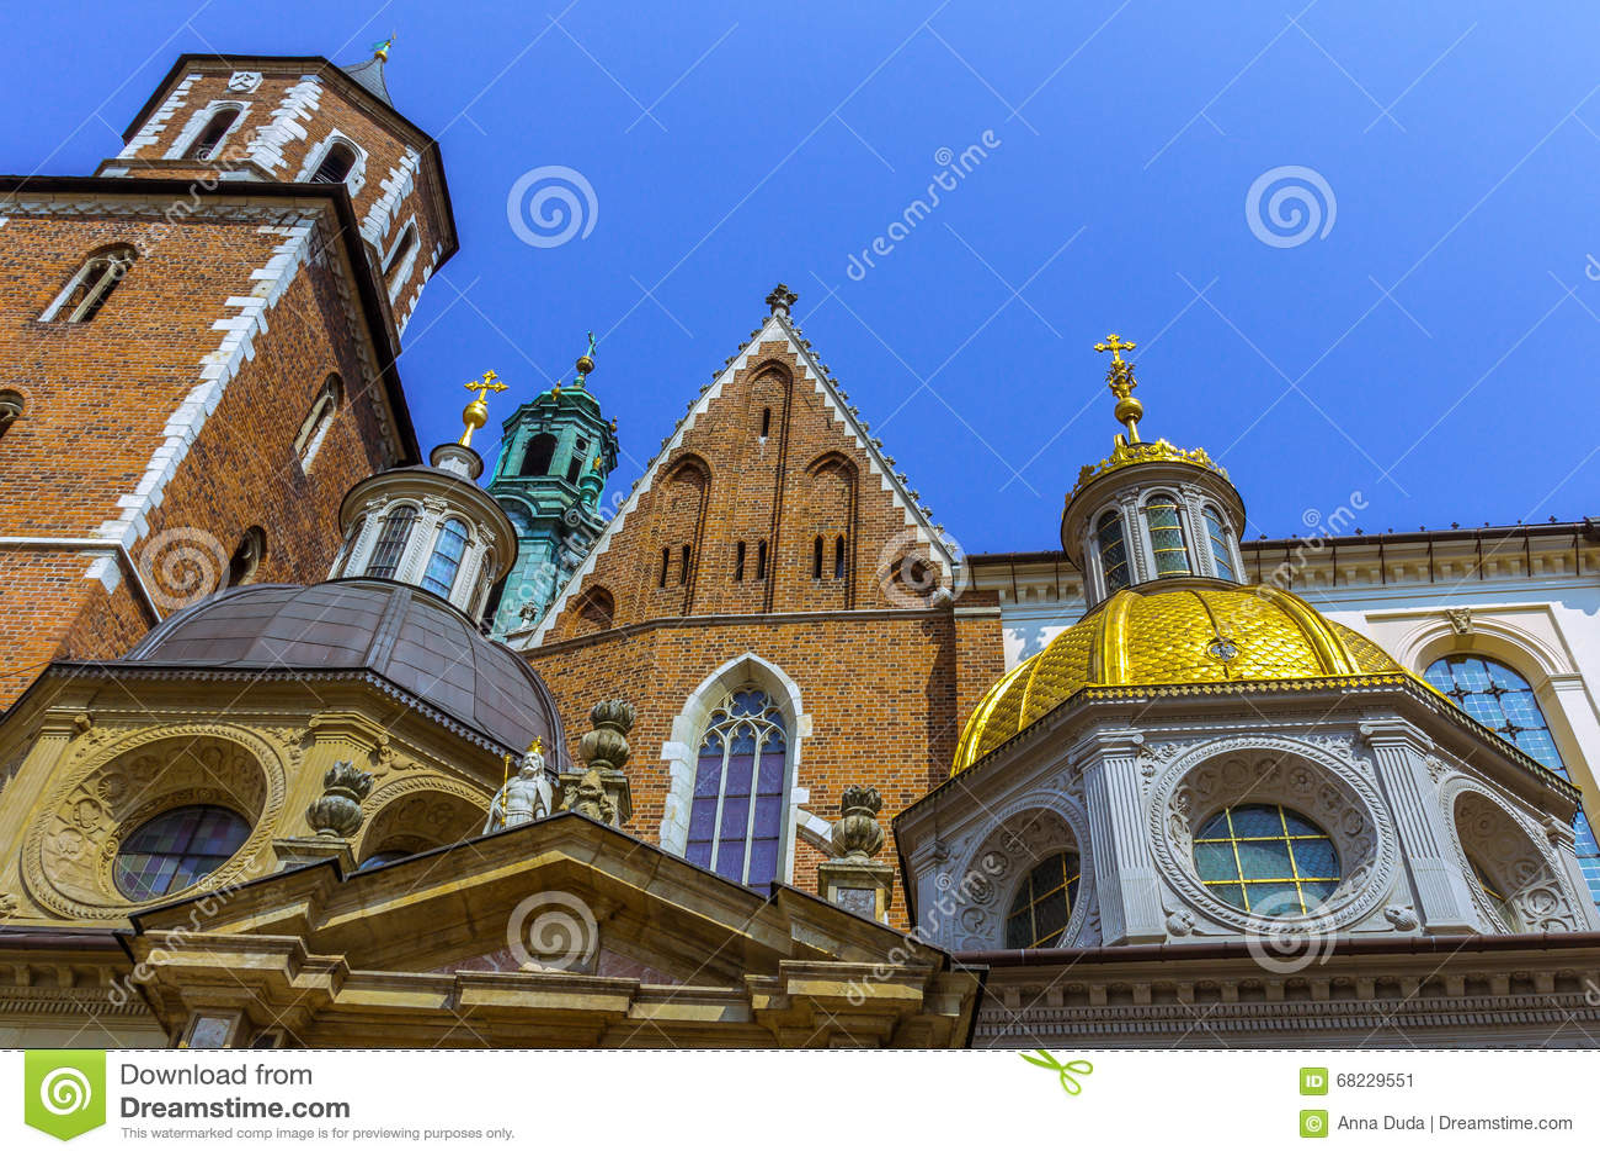 Dôme d or de cathédrale de Cracovie (Cracovie) - Pologne Wawel